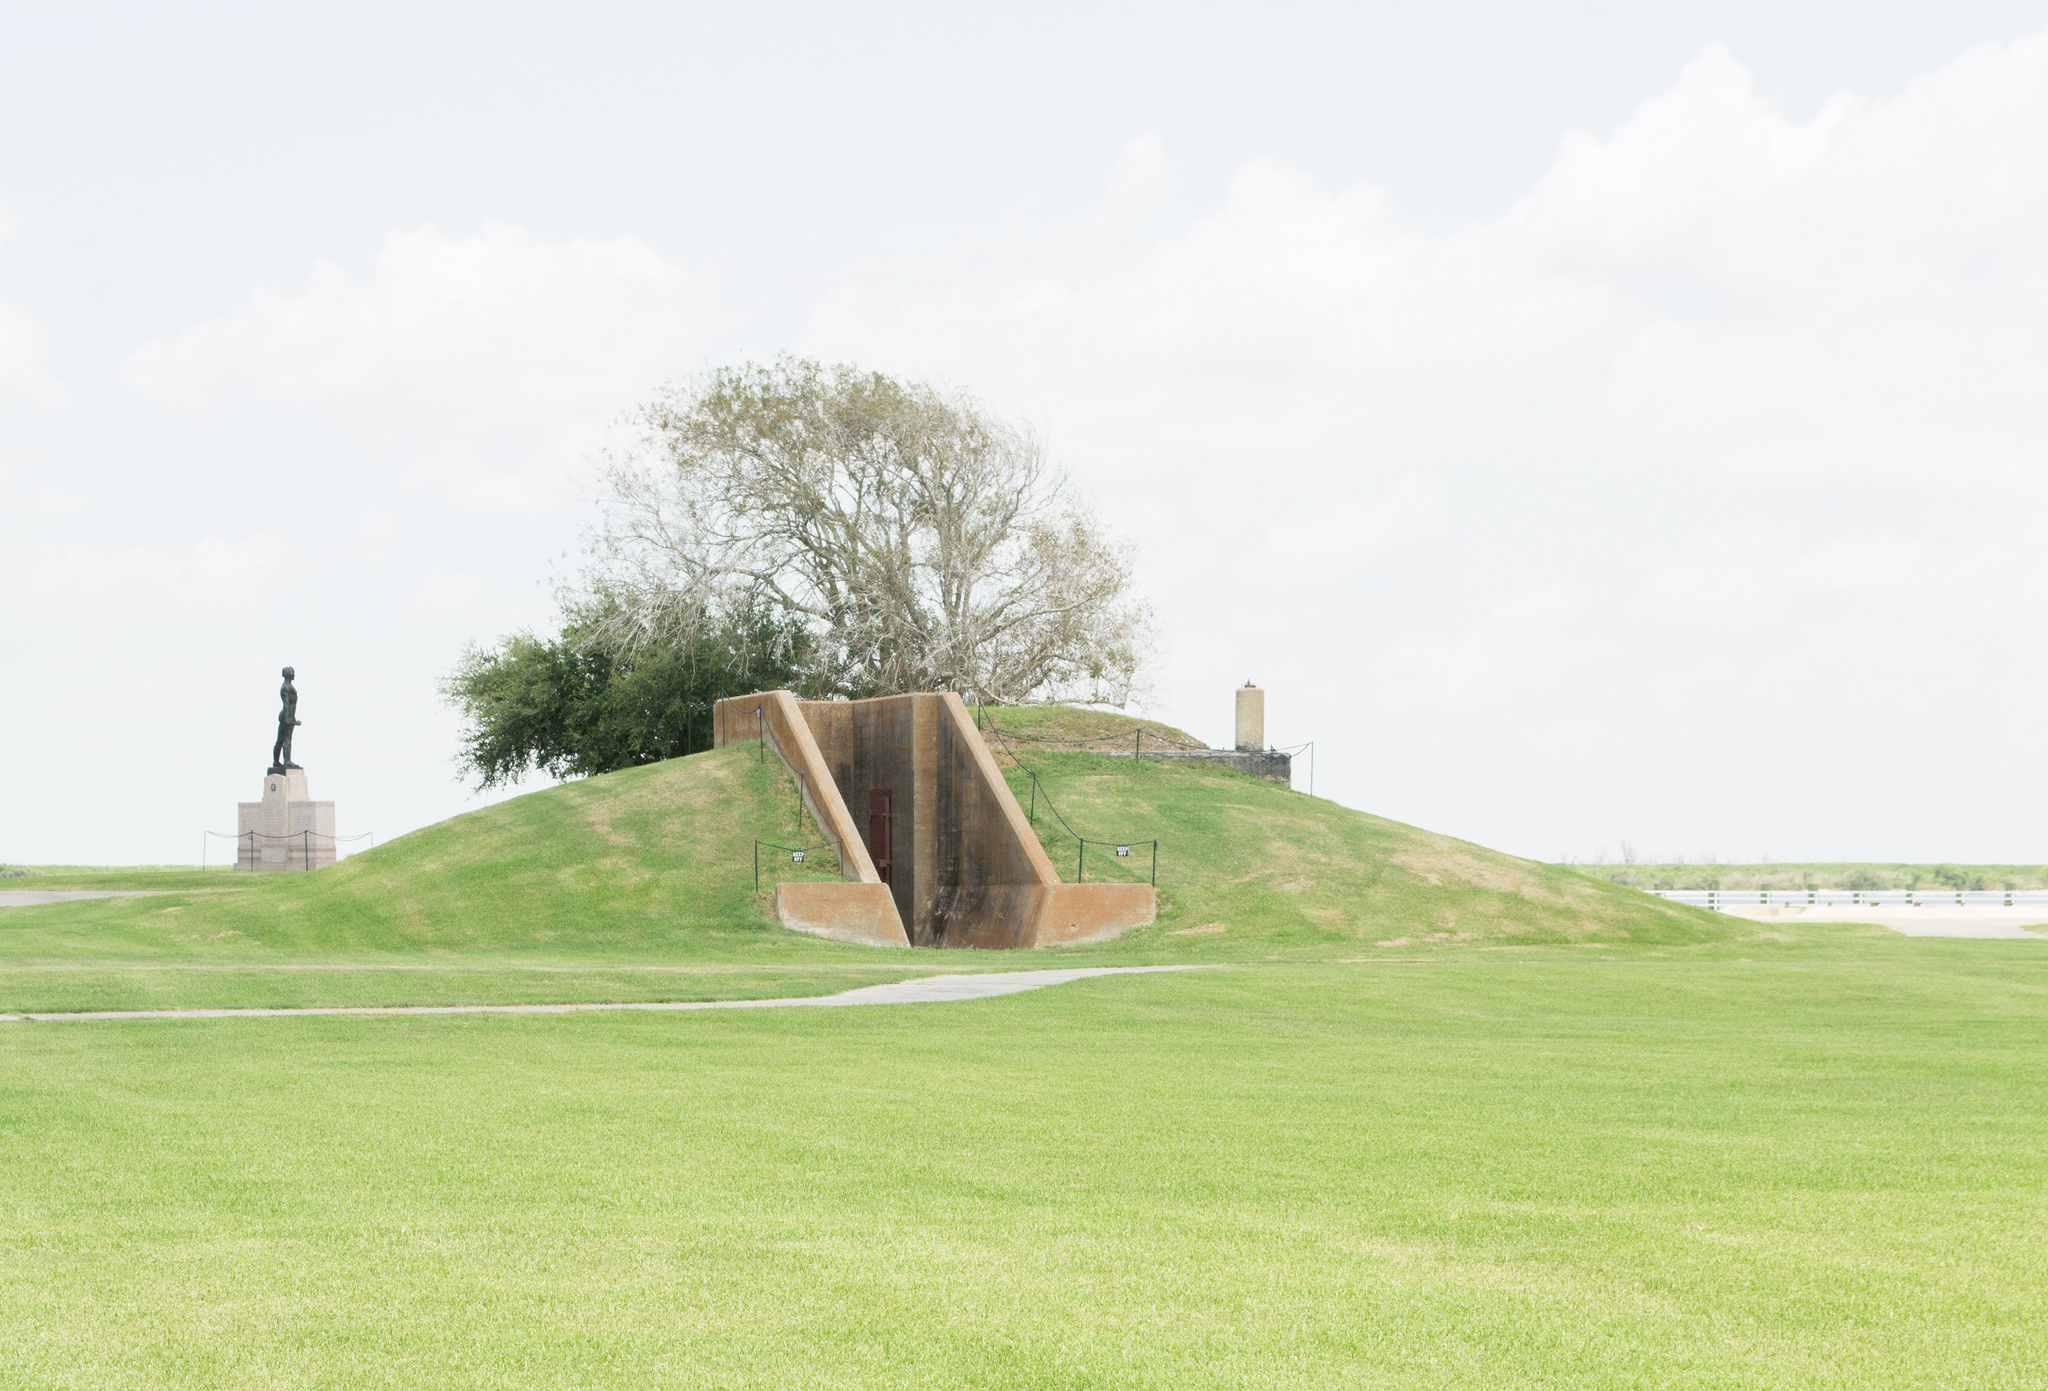 Sabine Pass Battleground